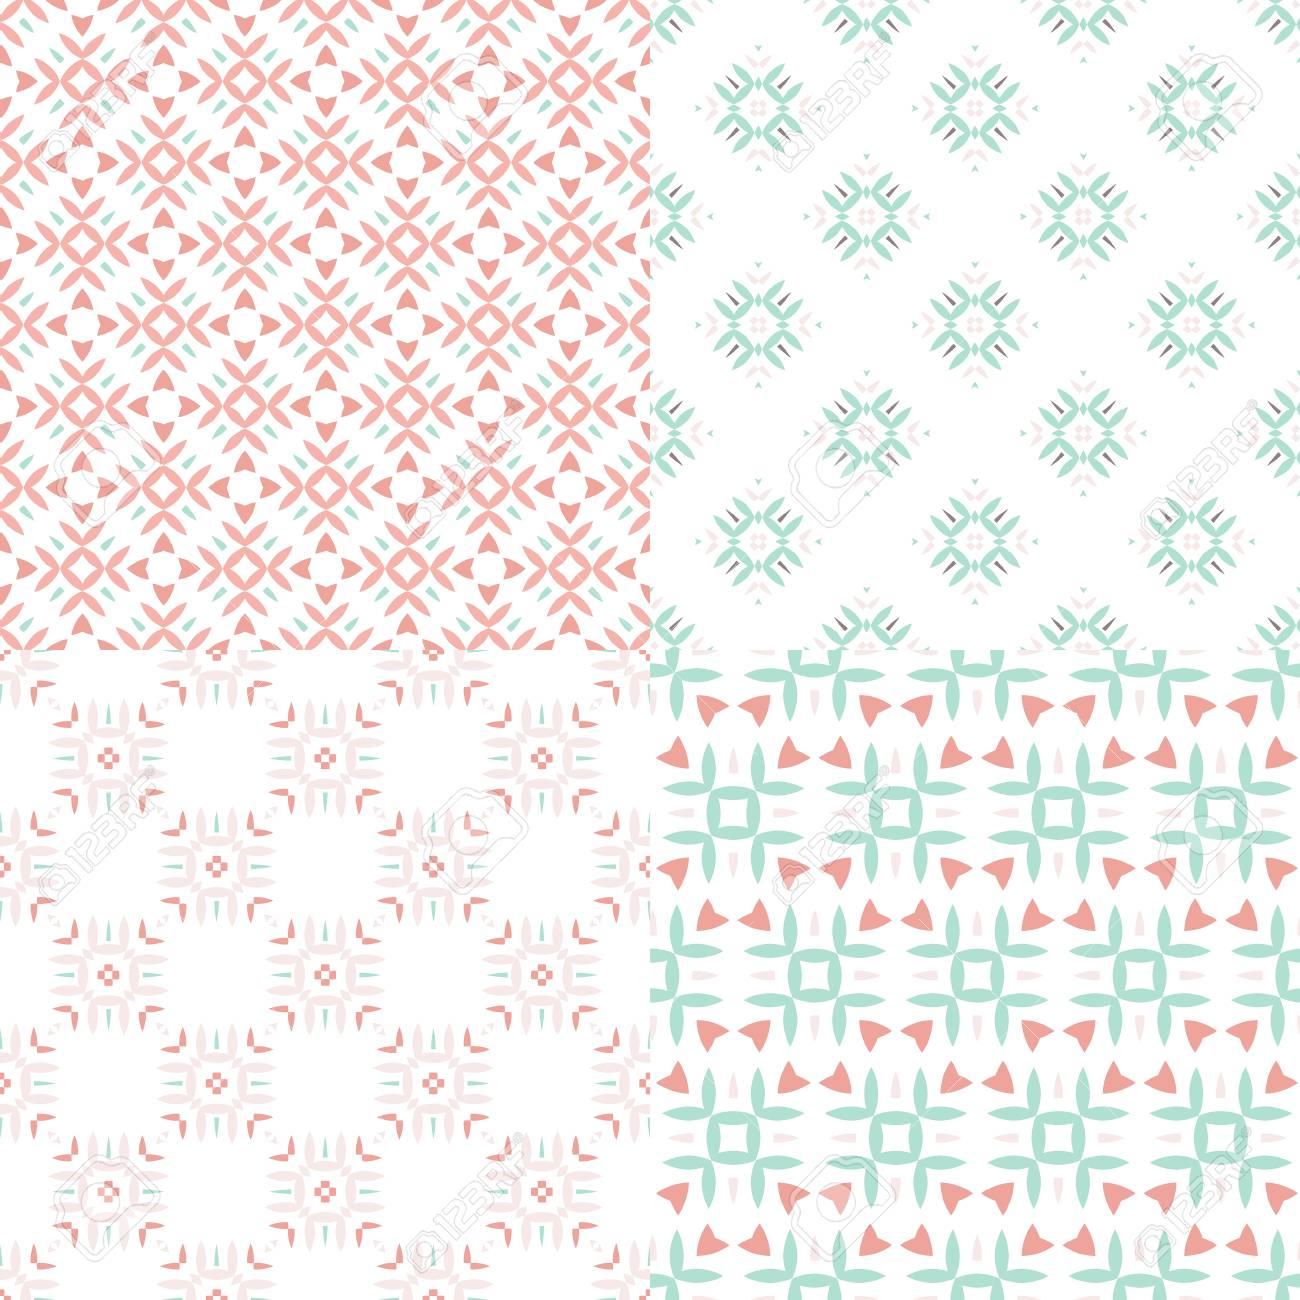 Elegante colección de cuatro patrones geométricos sin costura. Fondo  ornamental para tarjetas, invitaciones, páginas web. Textura retro o papel  ...